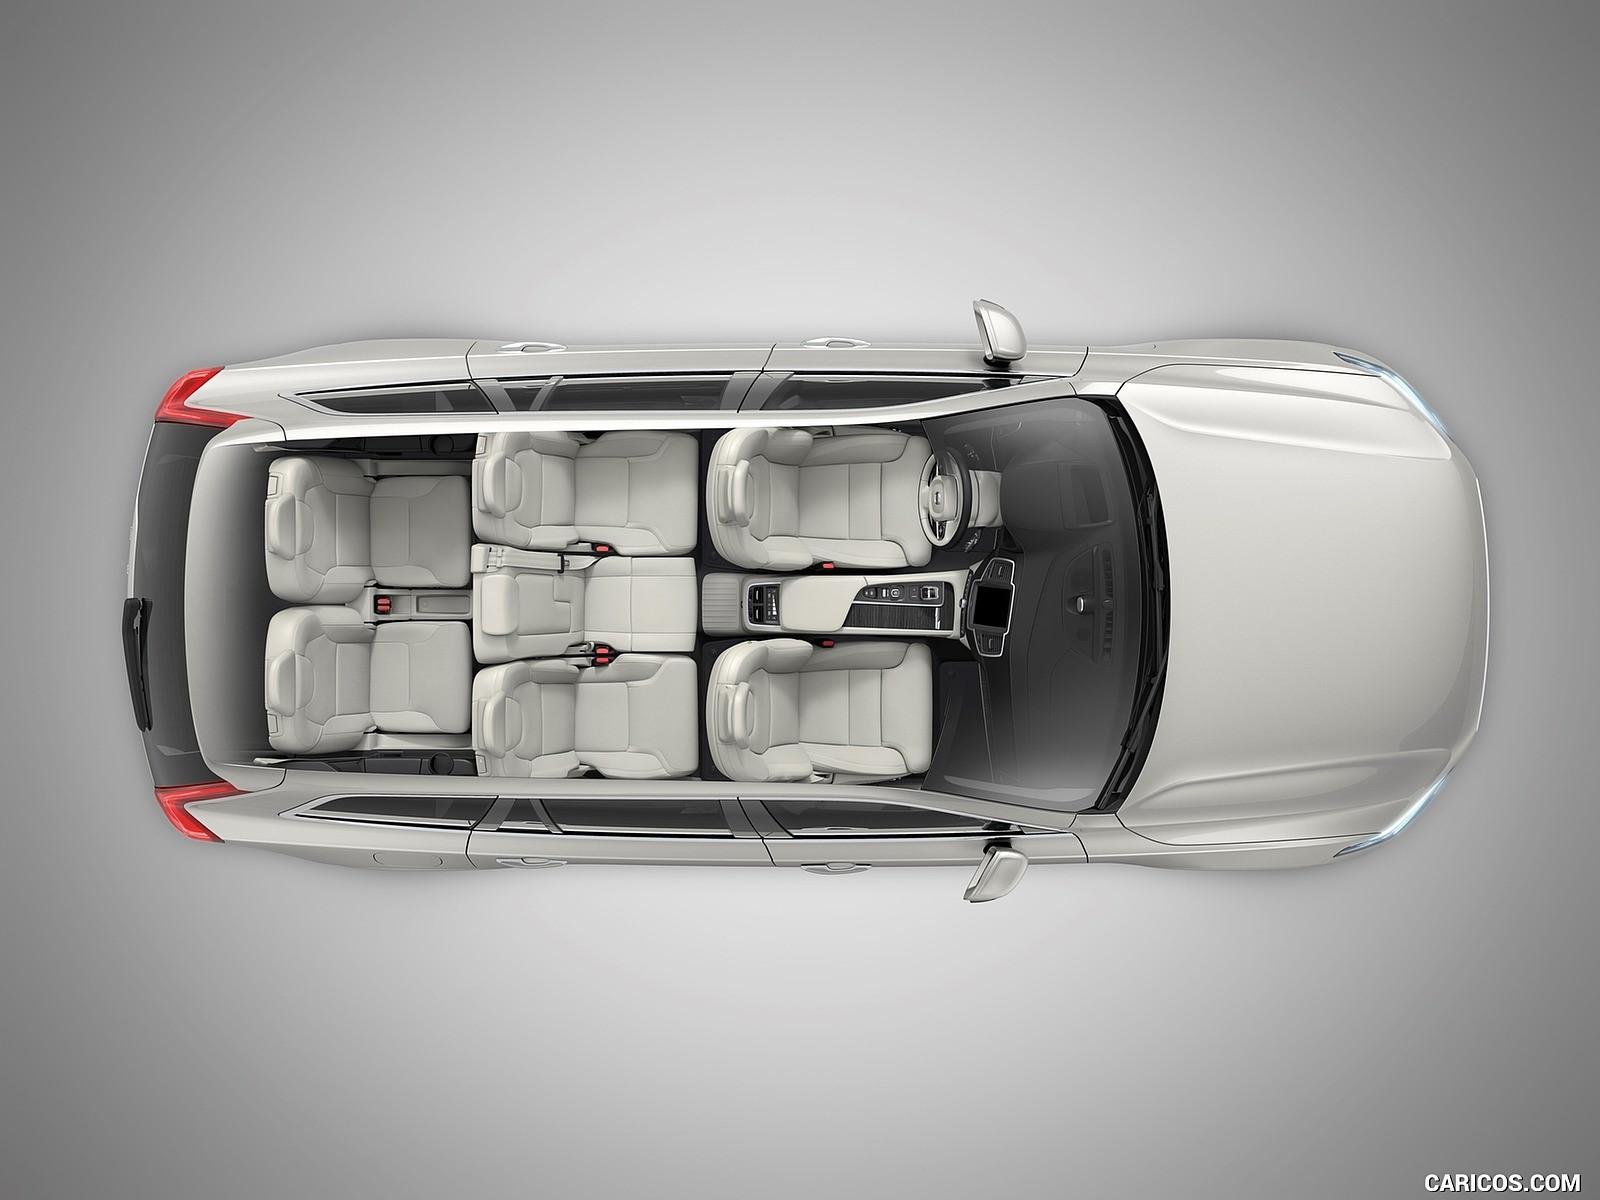 2020 Volvo XC90 duvarkağıdı